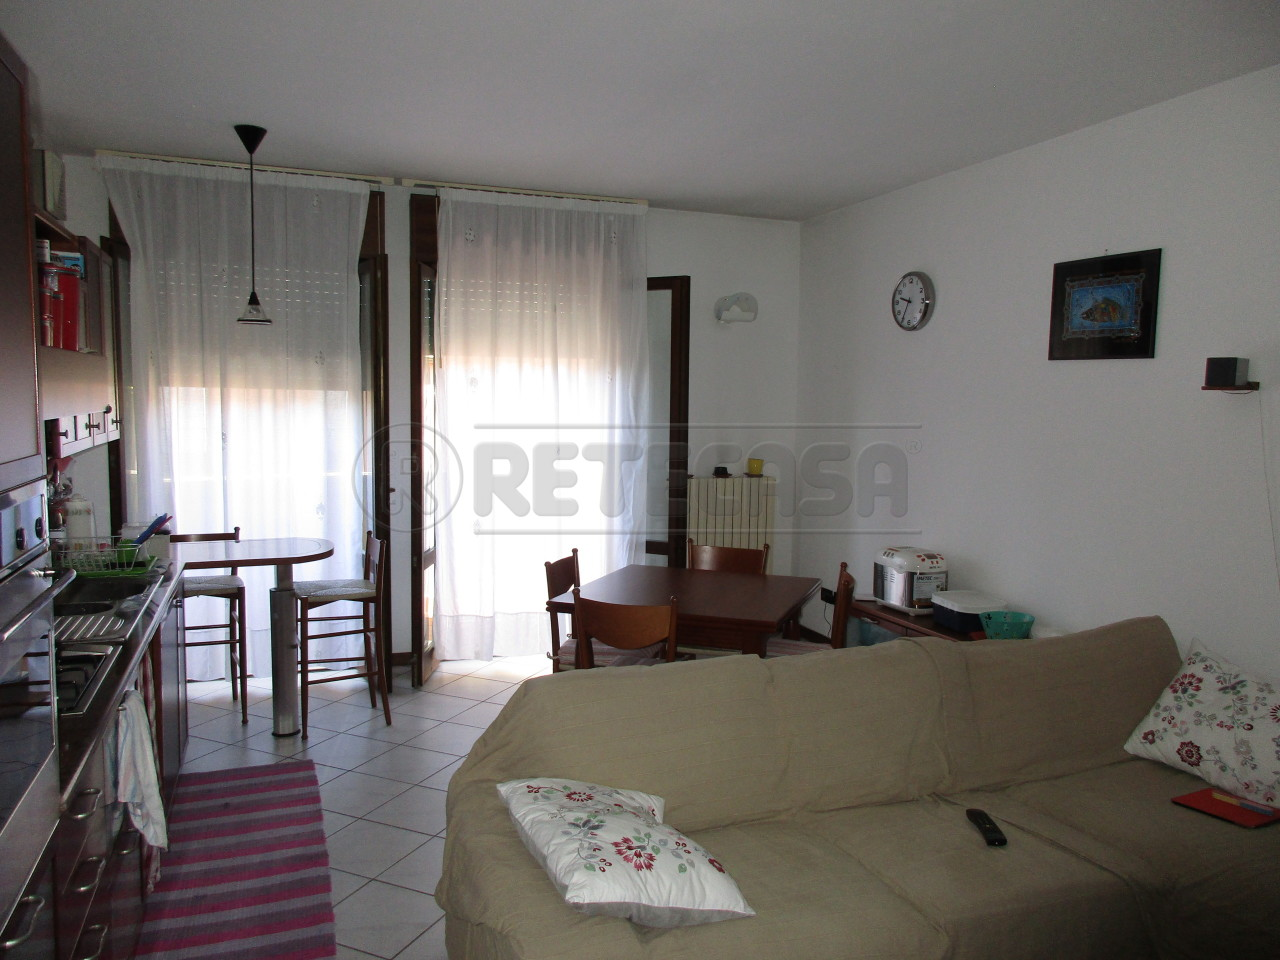 Appartamento in vendita a Massanzago, 9999 locali, prezzo € 75.000 | Cambio Casa.it